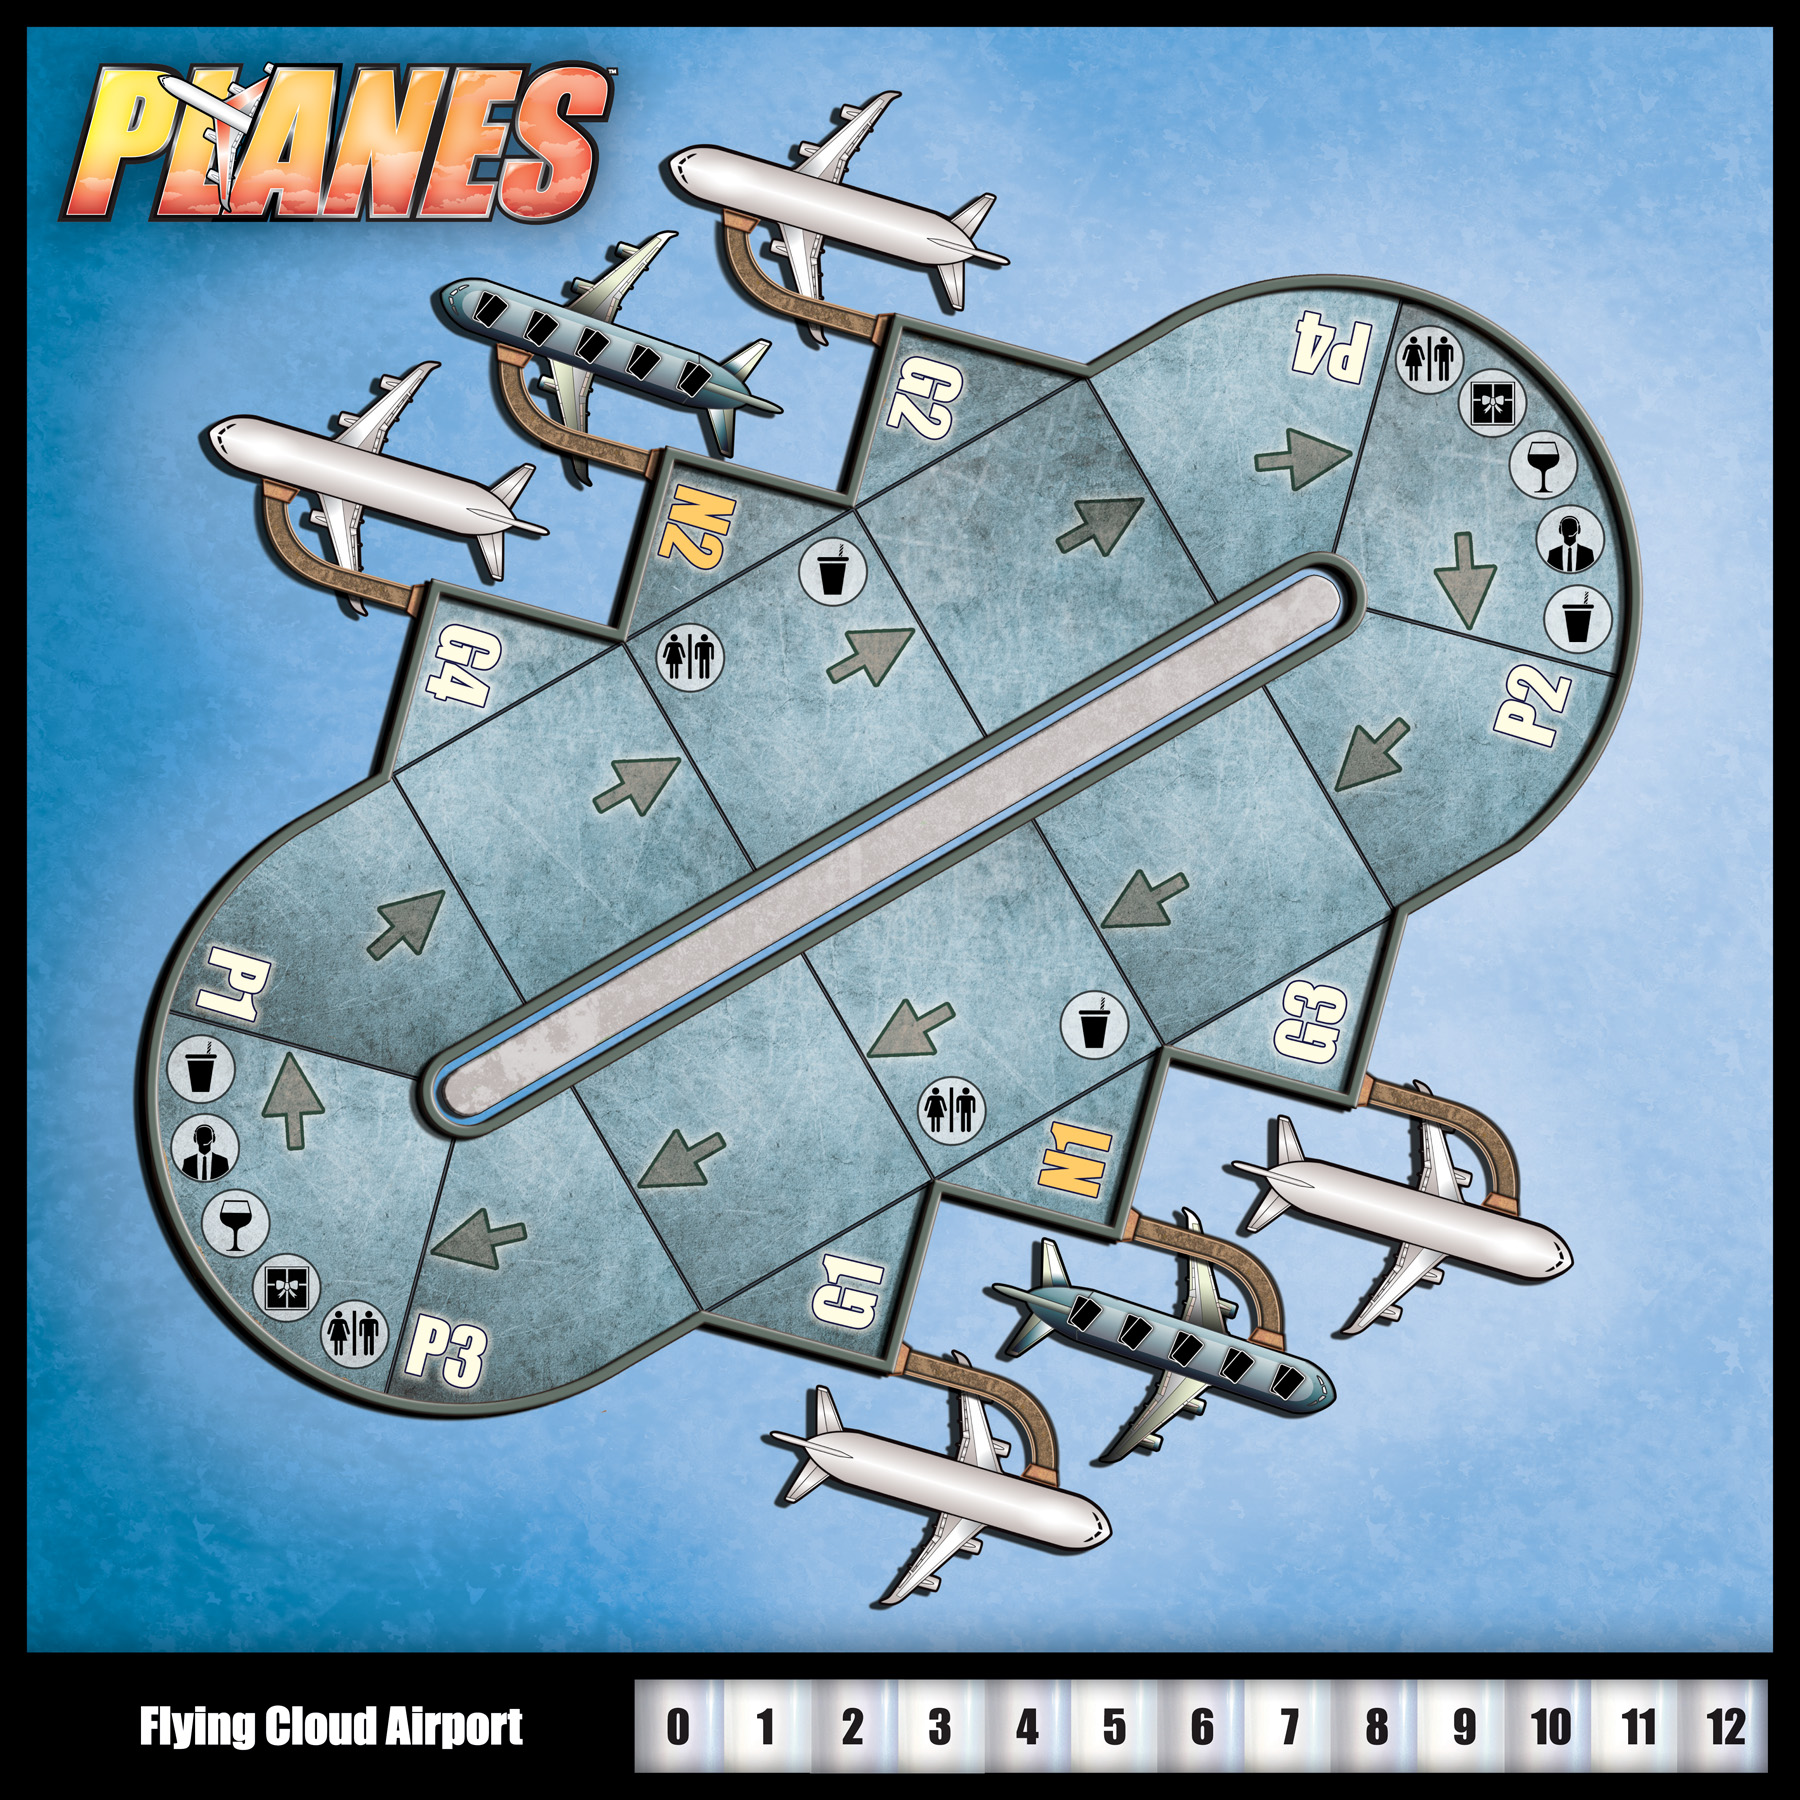 Planes_board-1